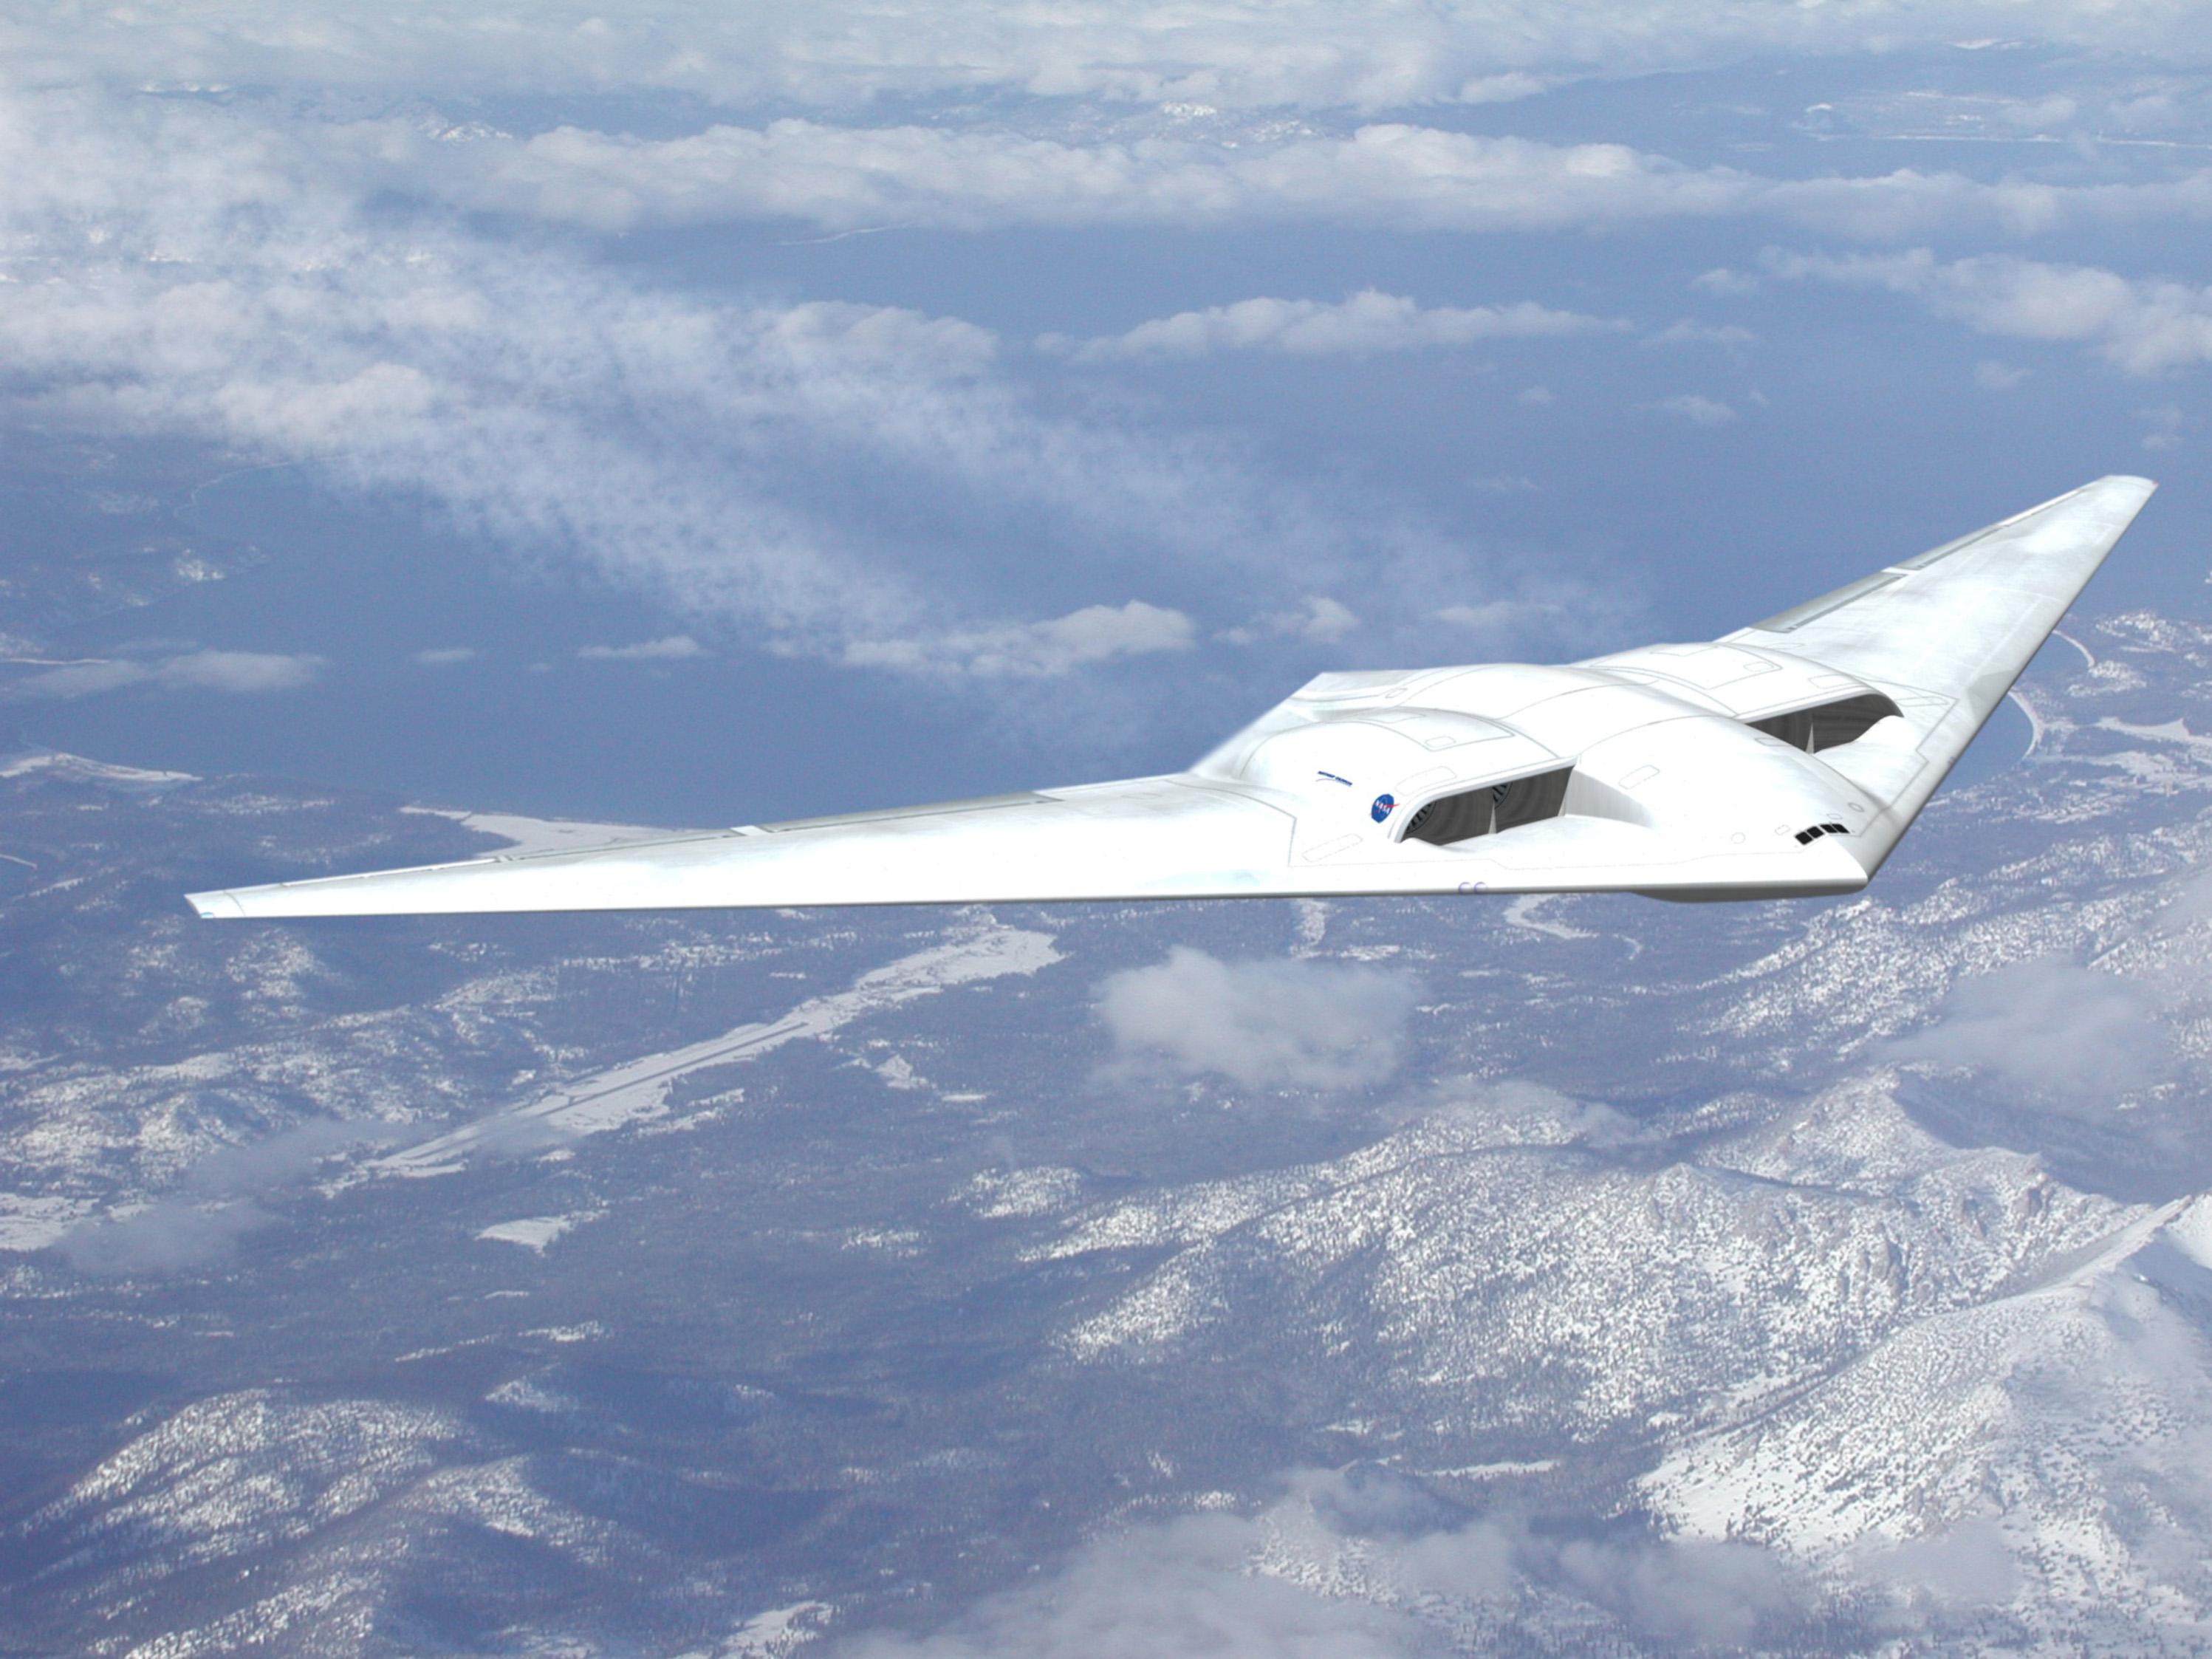 La NASA y el MIT apuestan por alas deformables para los aviones